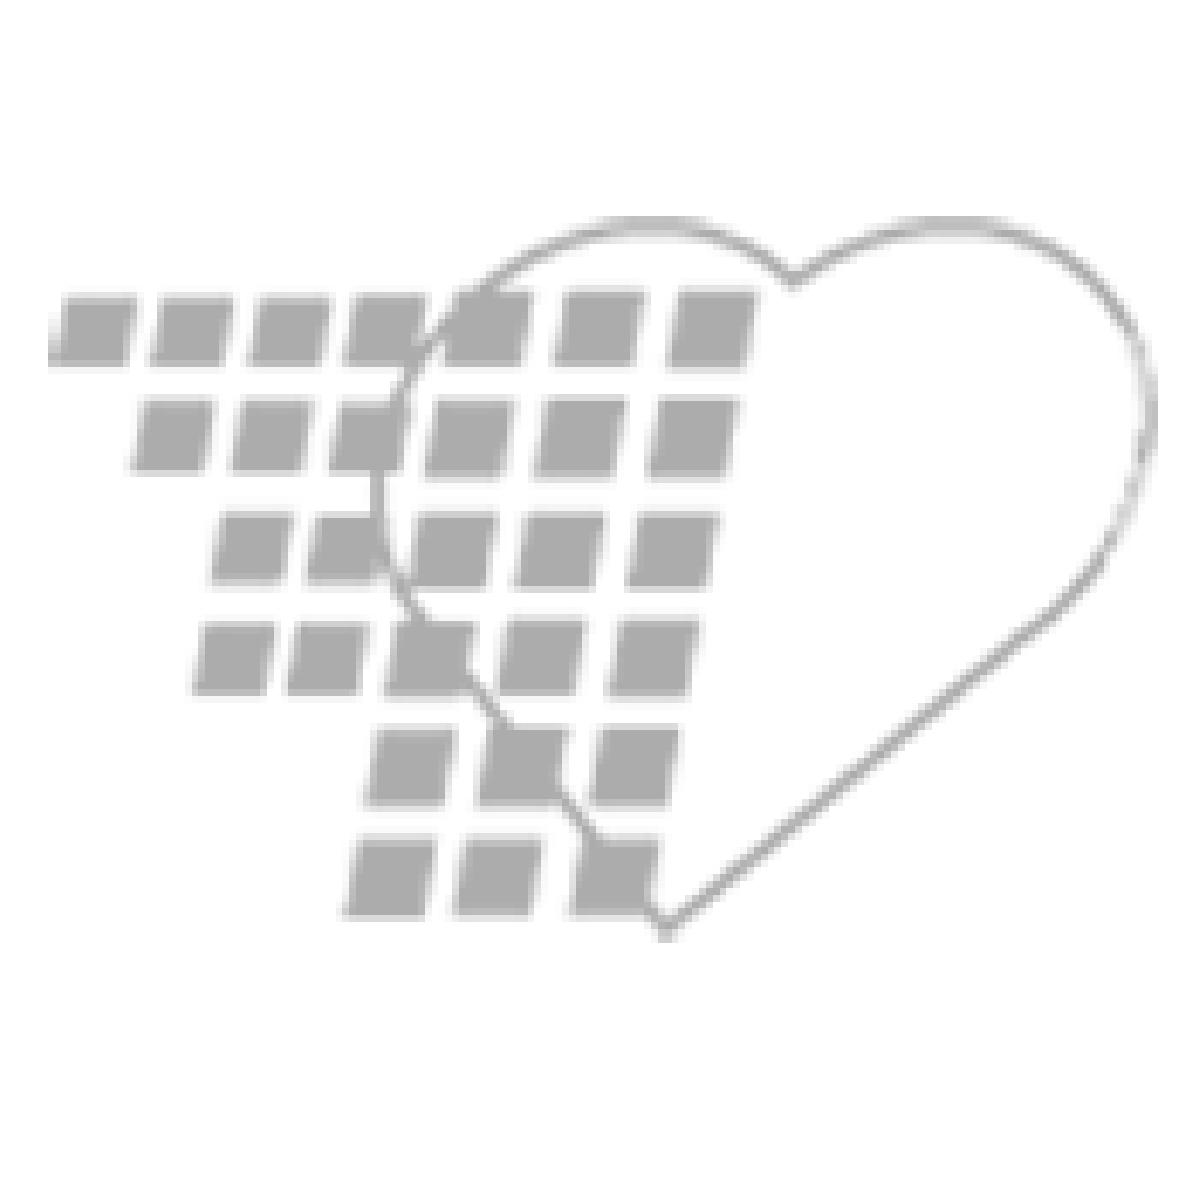 02-70-1257P Graham Field Ishihara Test Chart